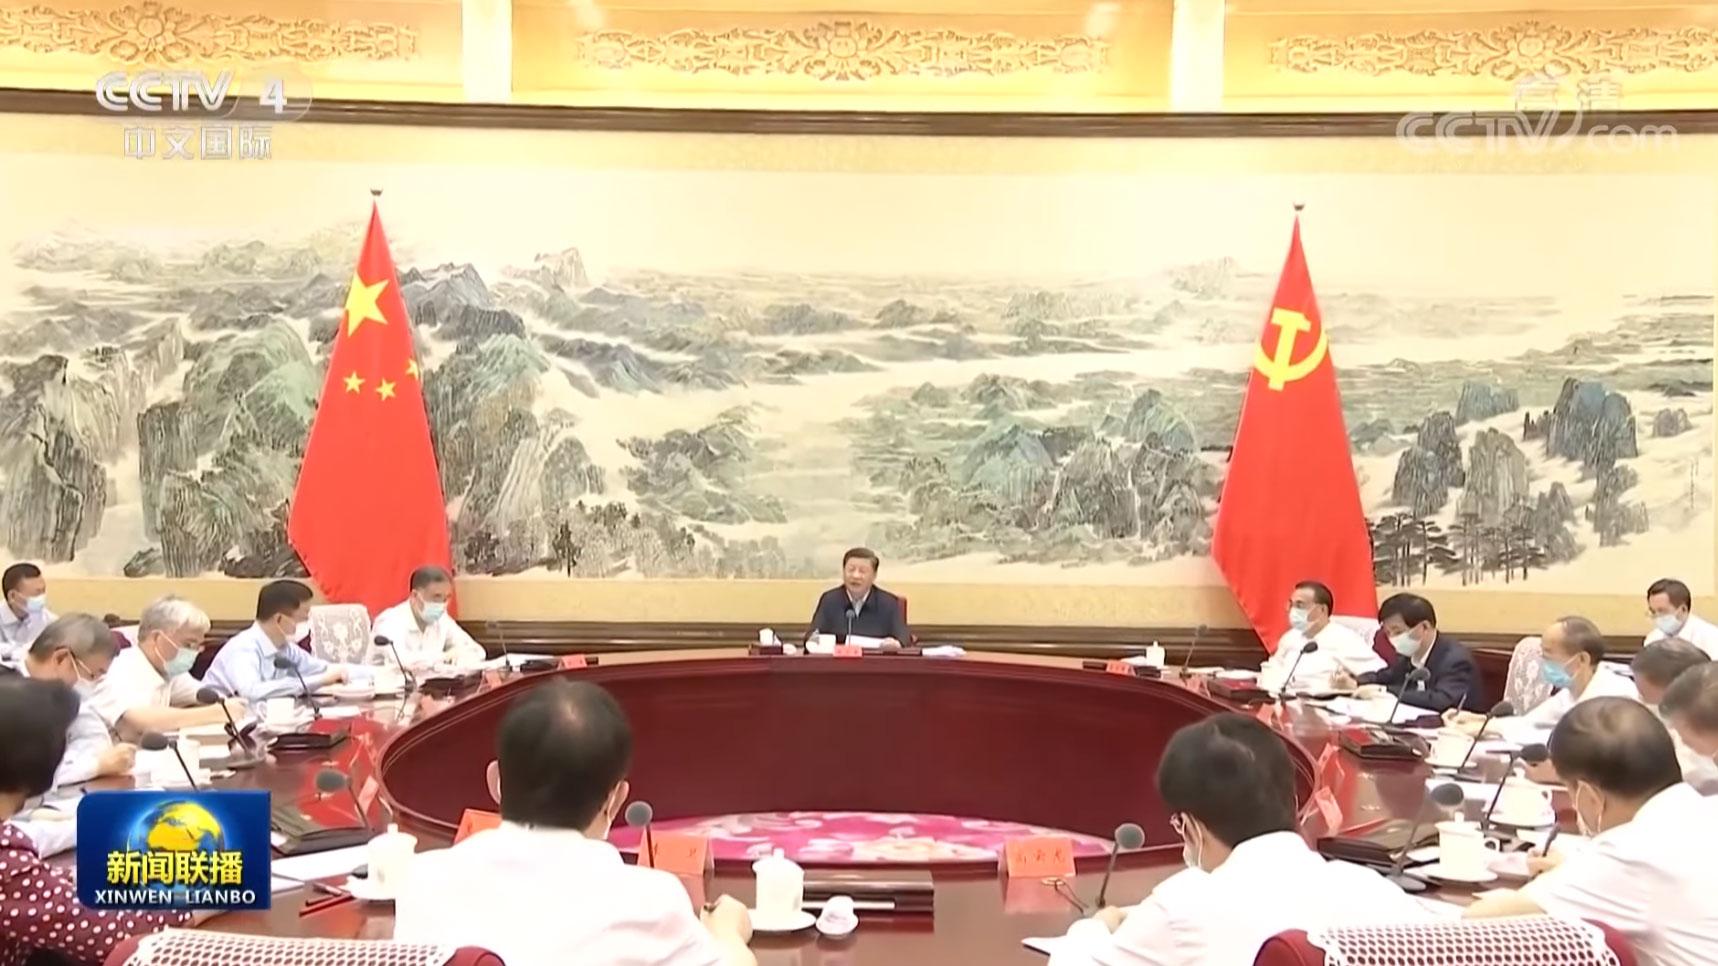 2020年7月30日,中共中央政治局召开会议,会议表示,当前经济形势仍然复杂严峻,不稳定、不确定较大,中国遇到的很多问题是中长期的,必须从持久战的角度加以认识。(视频截图)